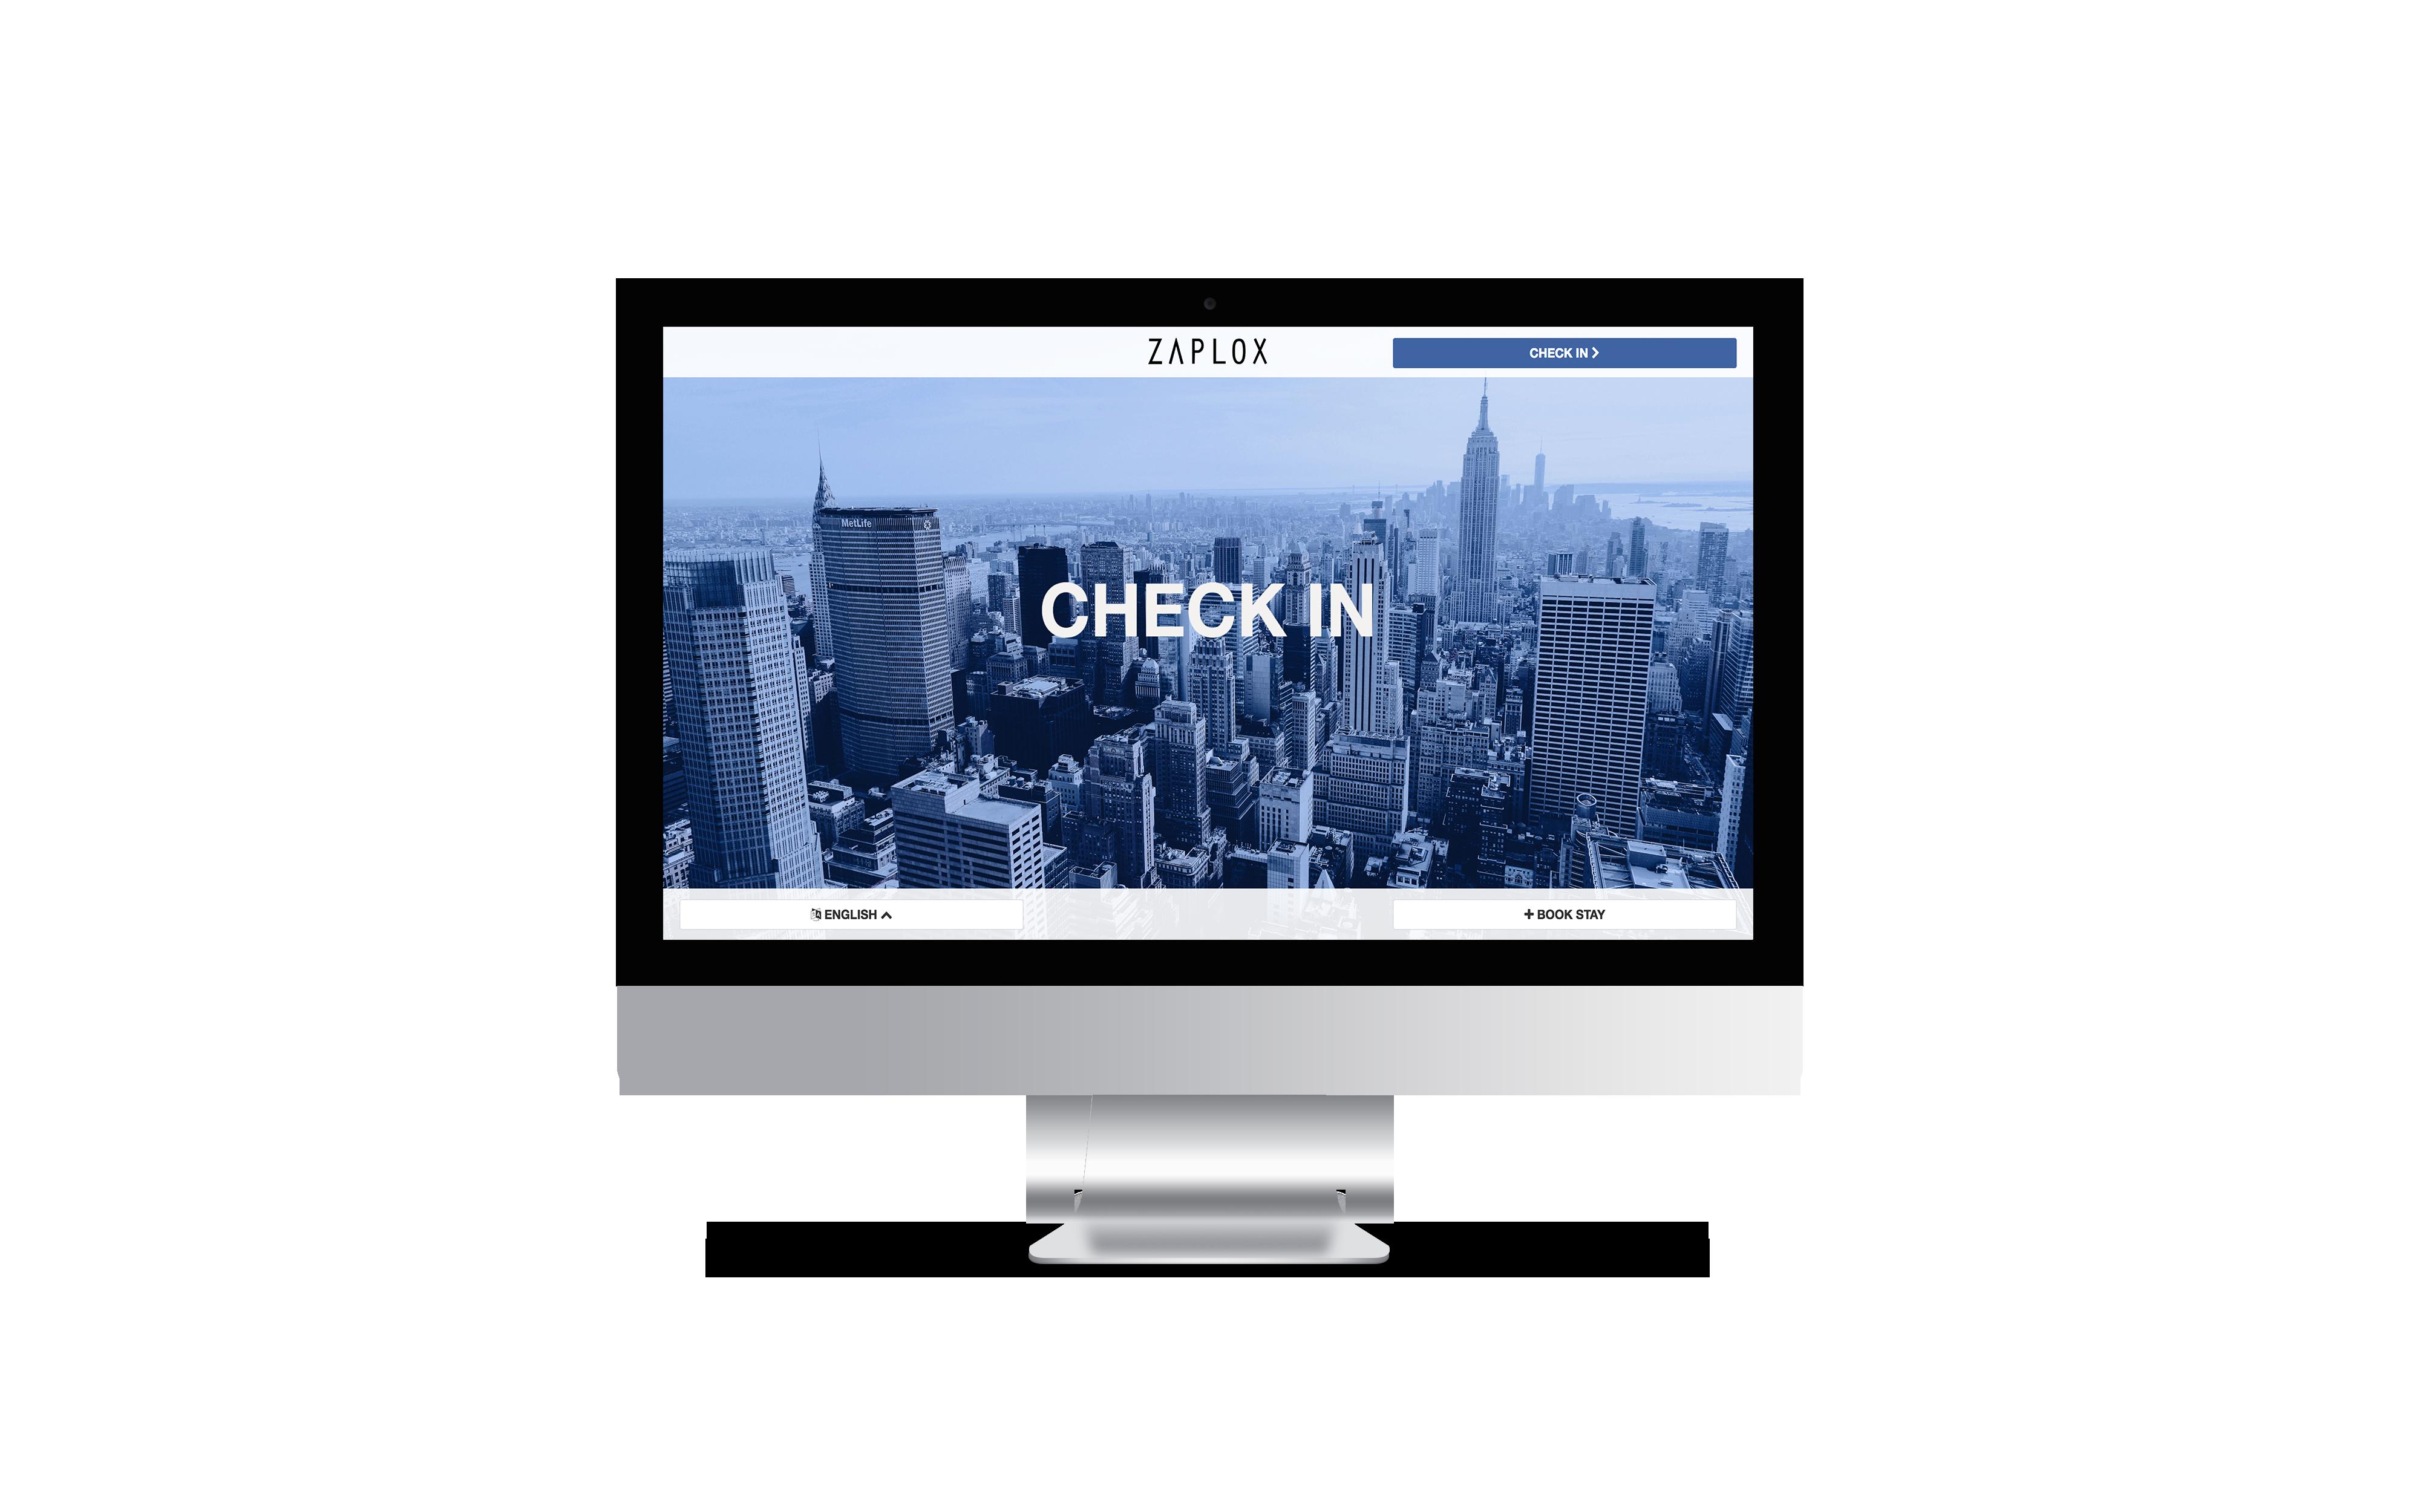 Zaplox Virtual Kiosk